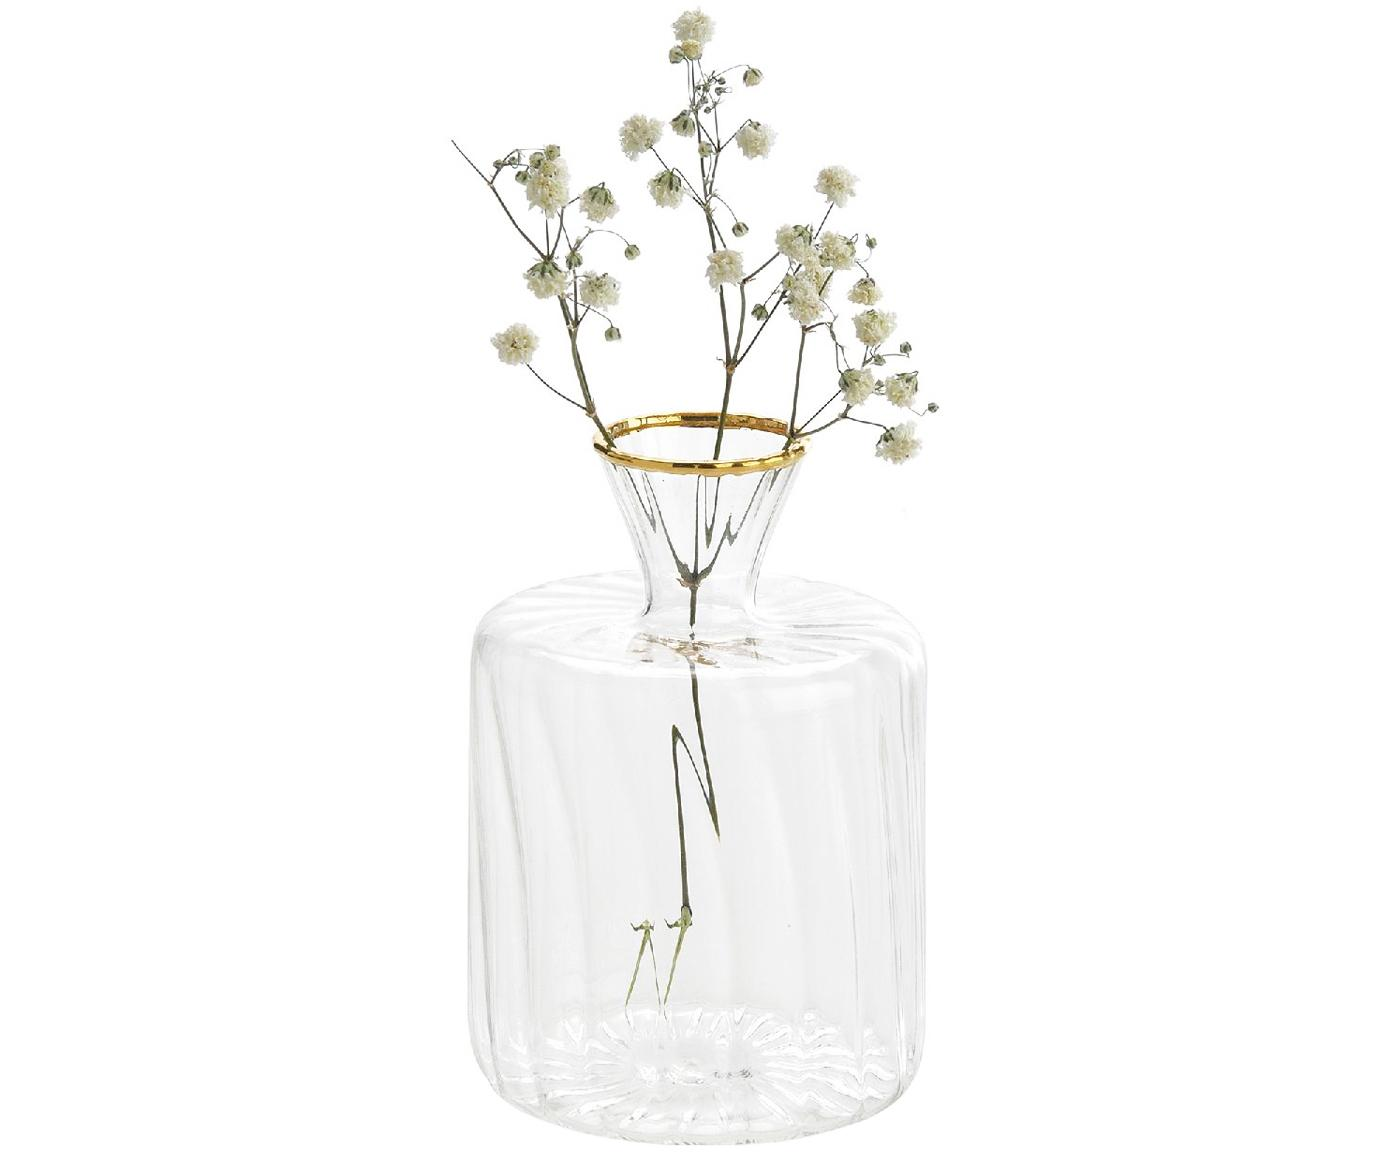 Vaso in vetro  Plinn, Vetro, Trasparente, dorato, Ø 7 x Alt. 10 cm